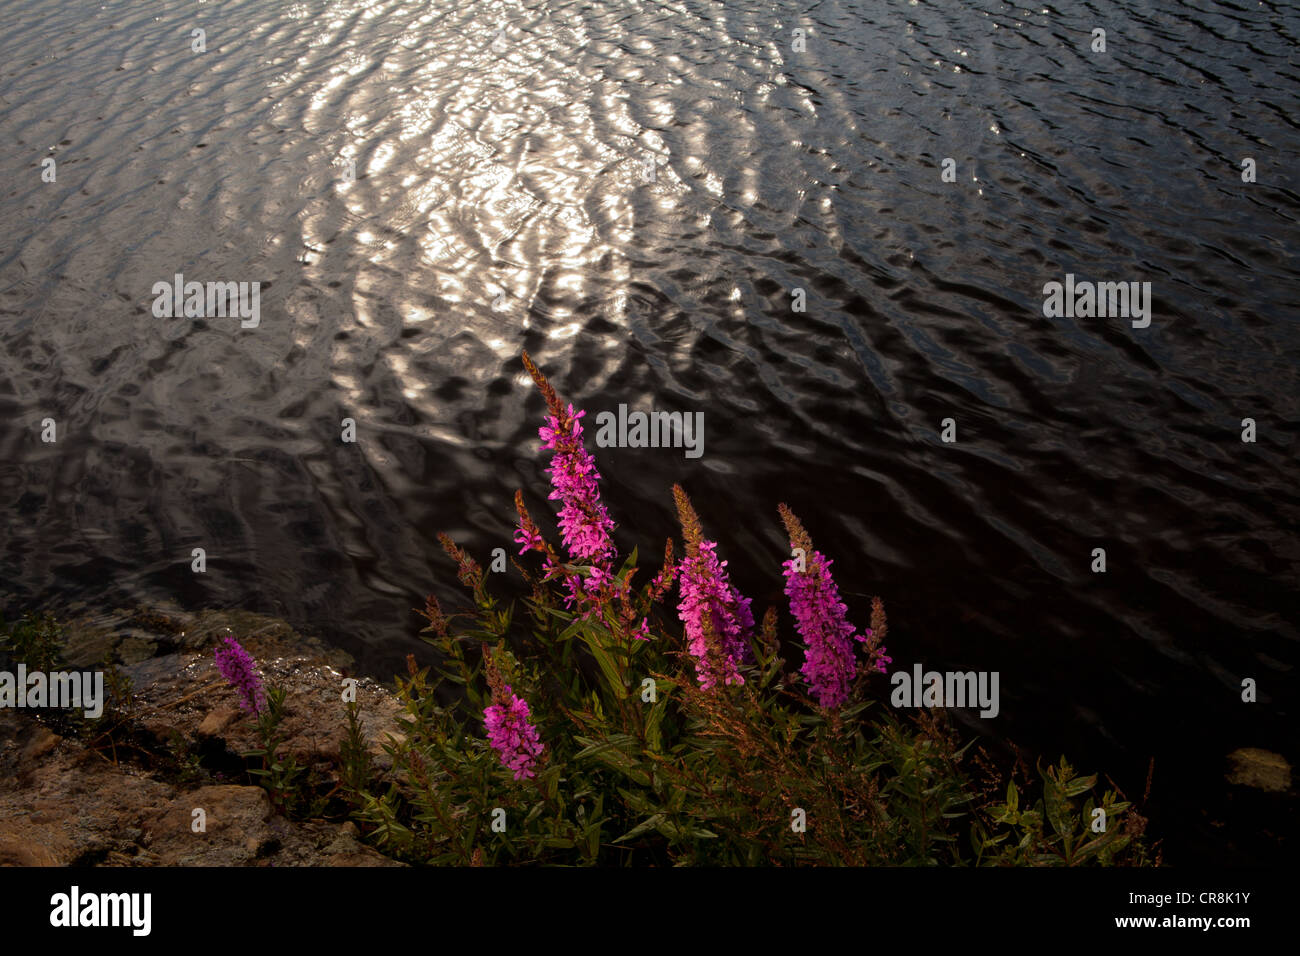 Blutweiderich, Lythrum saliaria, auf der Insel im See Brattholmen Råde Vansjø, Kommune, Østfold fylke, Stockbild